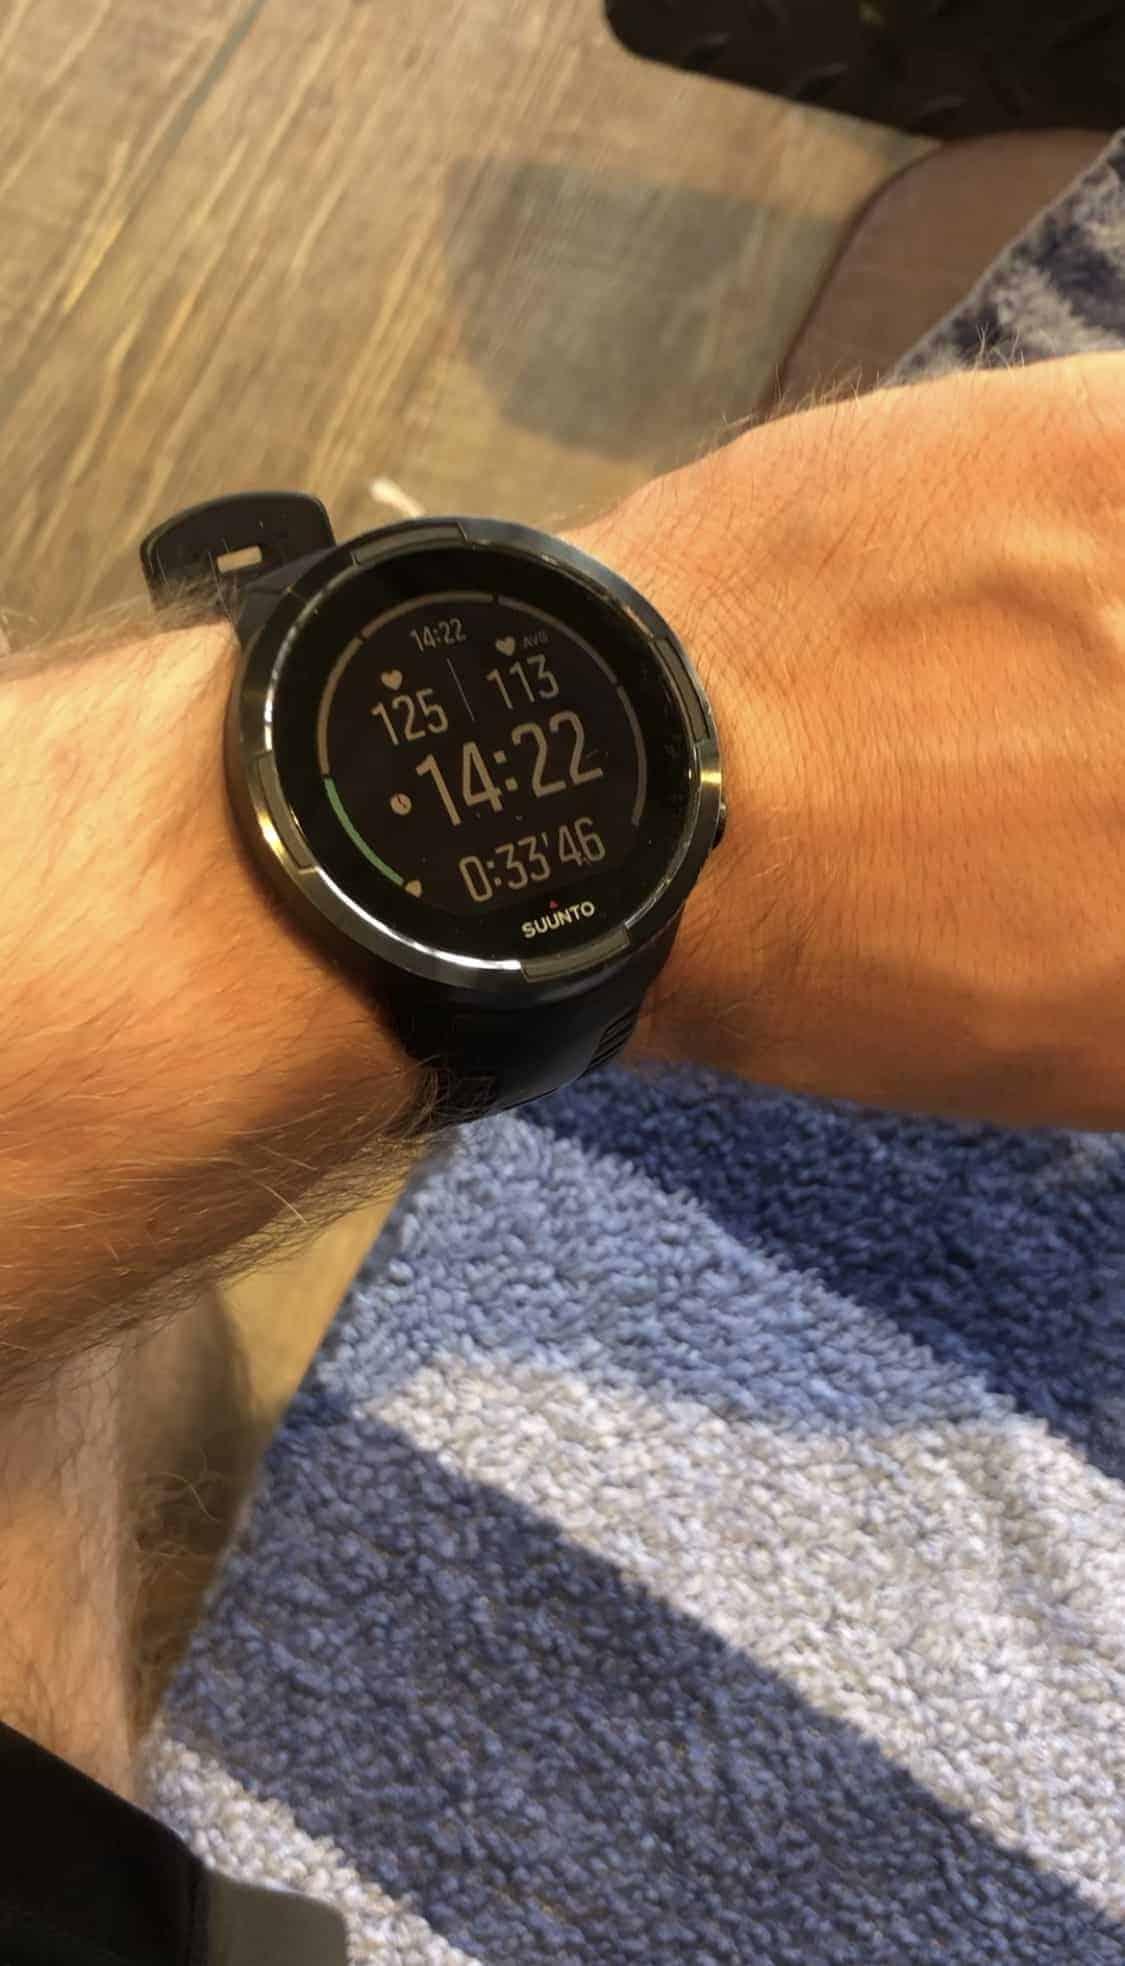 IMG 6516 - Suunto Baro 9 -die perfekte Uhr für Bergsteiger?